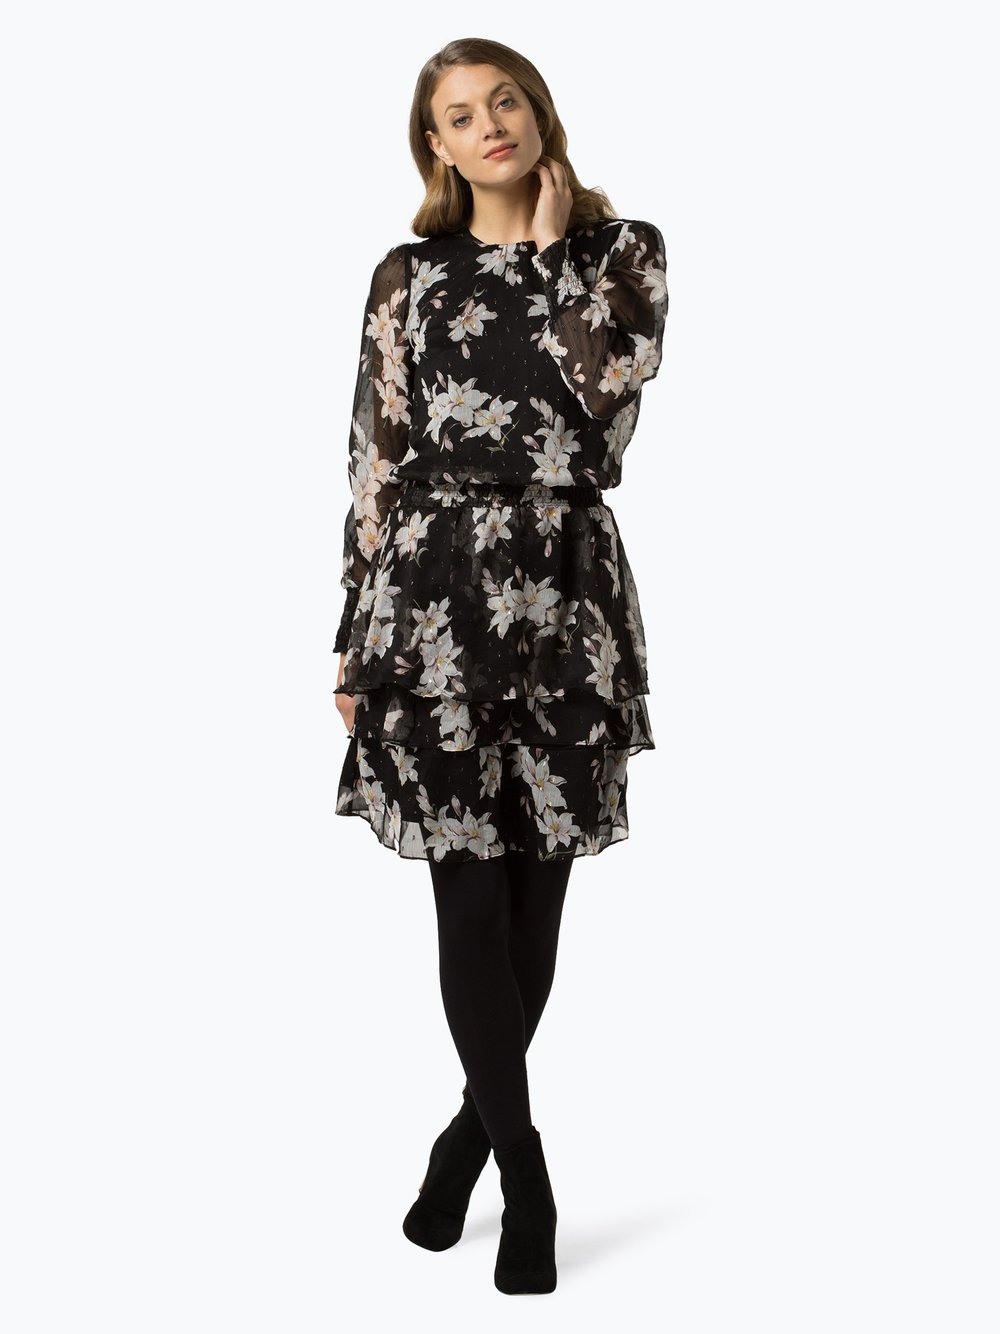 Abend Leicht Y.A.S Abendkleid Bester Preis Perfekt Y.A.S Abendkleid Design